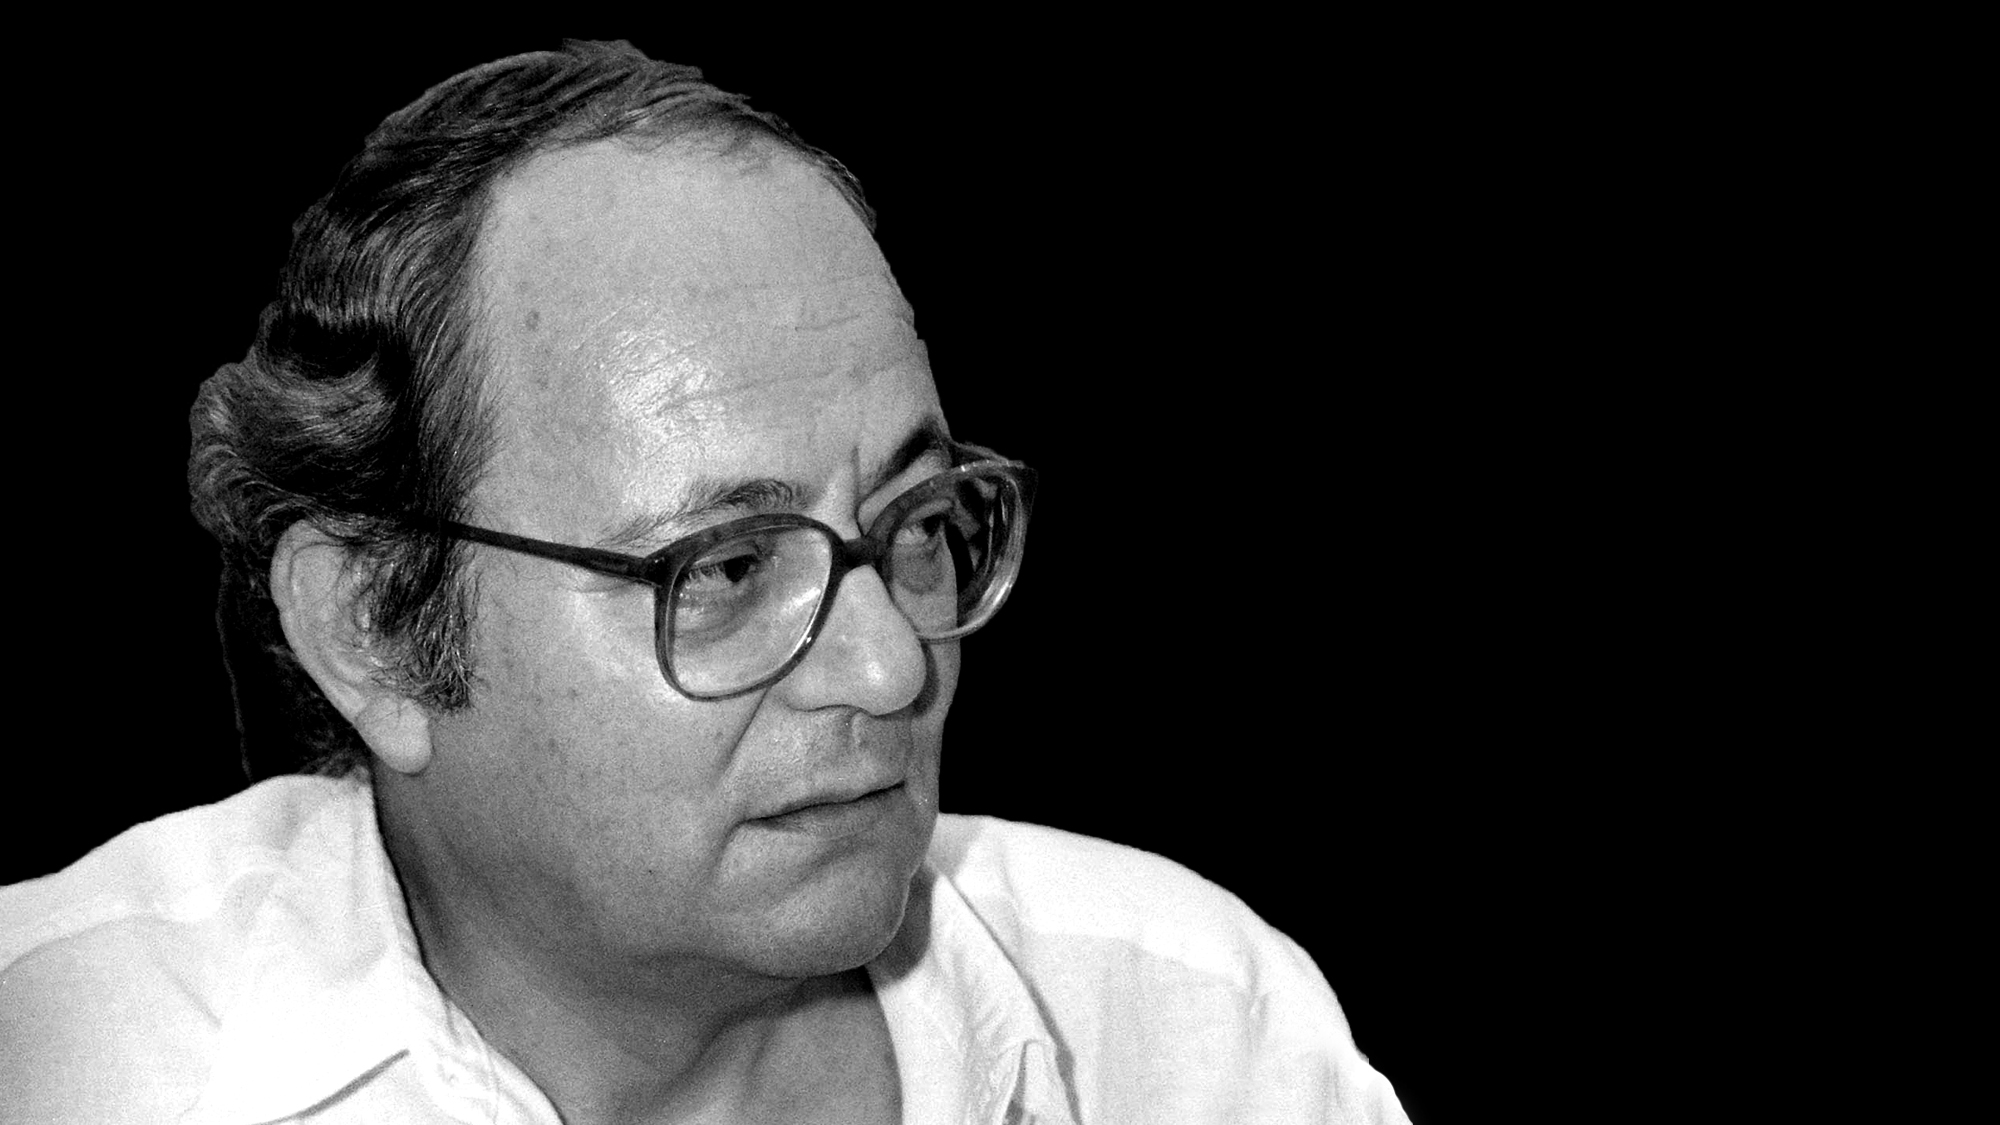 Morreu o historiador e colunista Vasco Pulido Valente